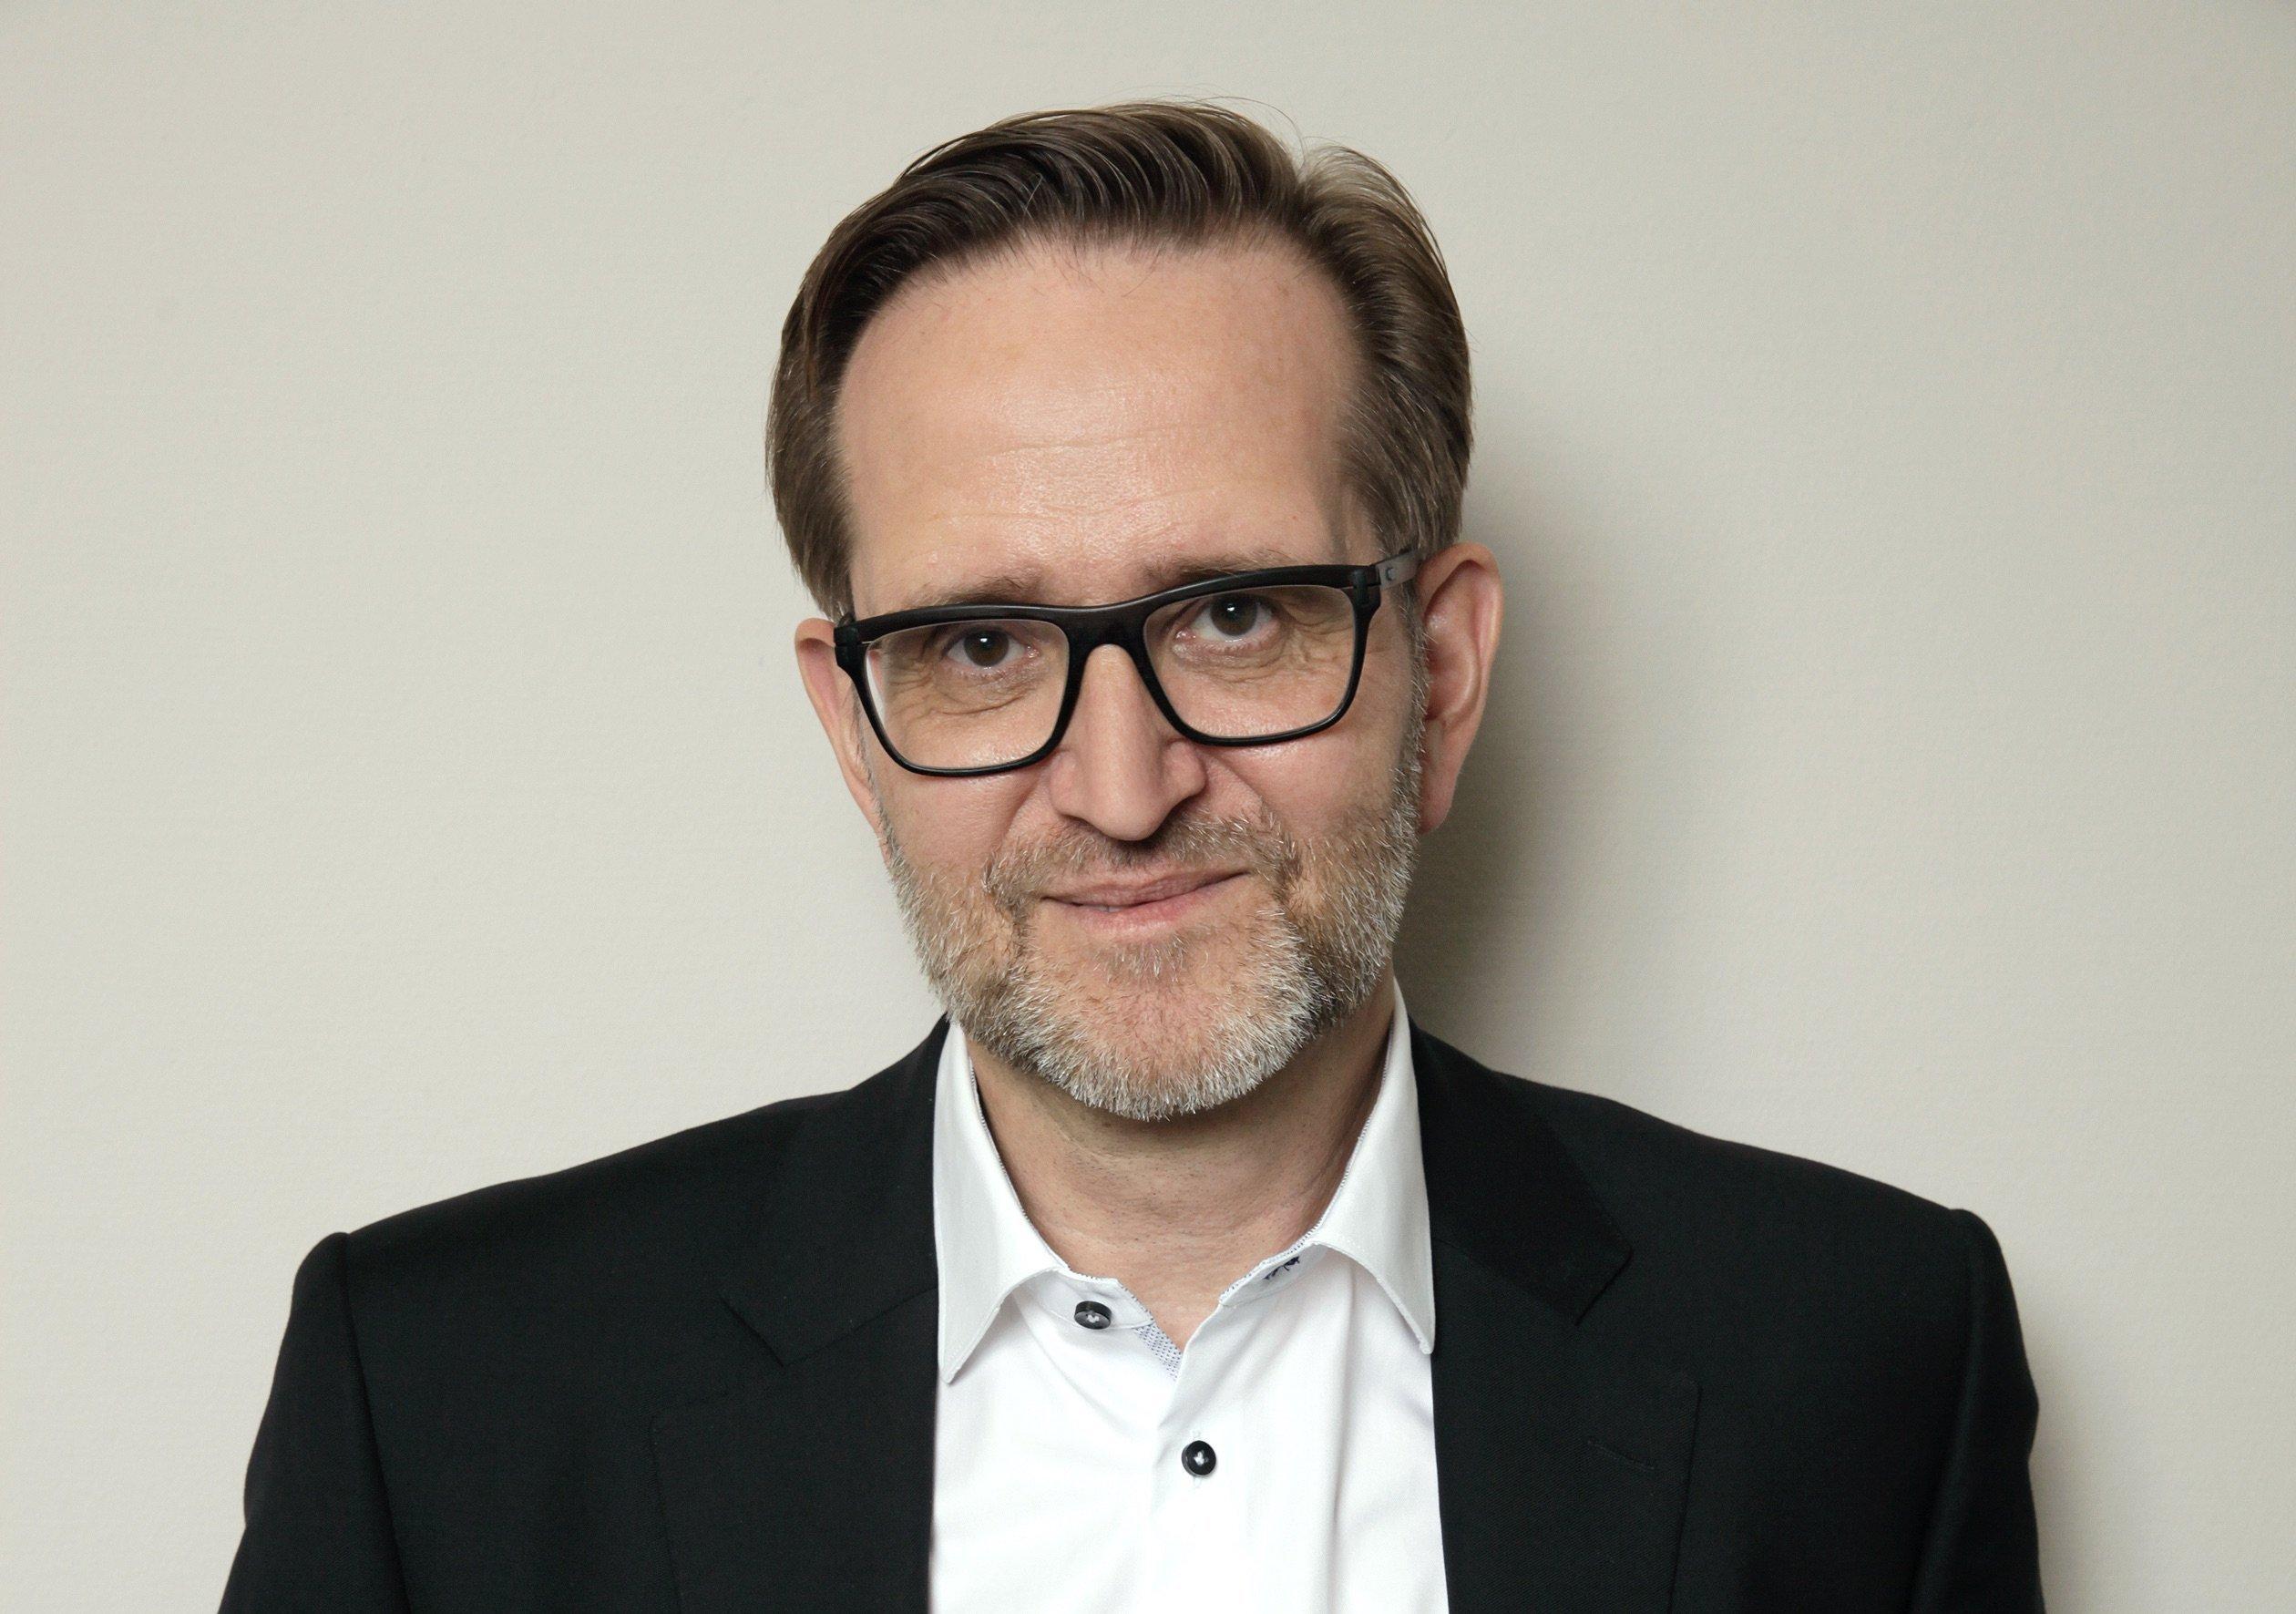 Weißes Hemd, schwarzes Sakko, schwarze Brille, weißer Drei-Tage-Bart, Deutschlandchef Stefan Ramboll im Interview mit Busy Streets.